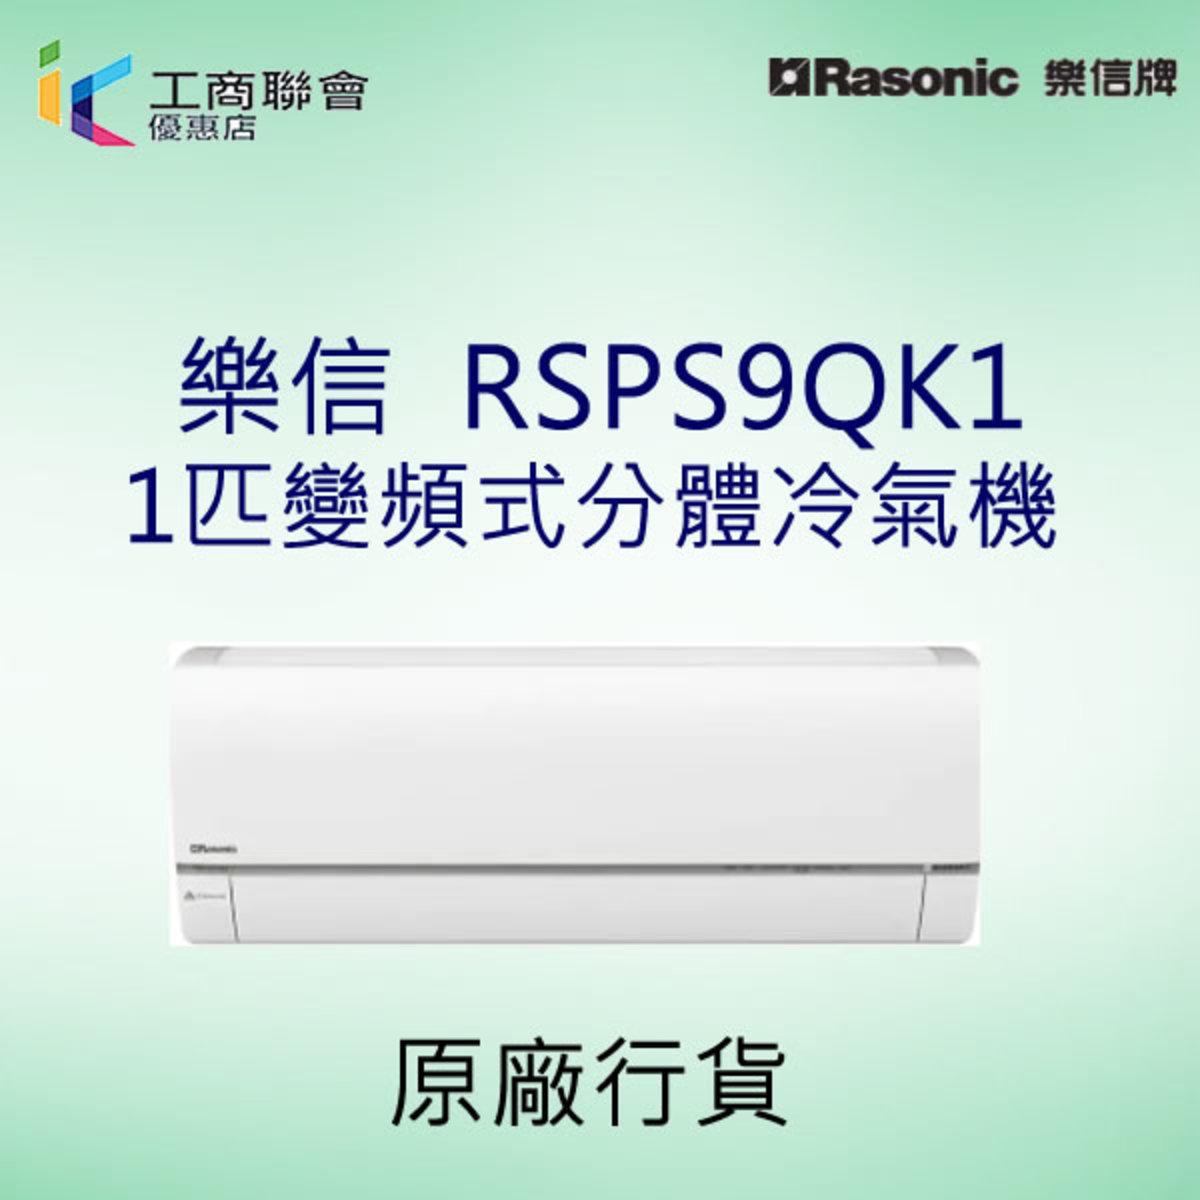 RSPS9QK1   1匹變頻式分體冷氣機